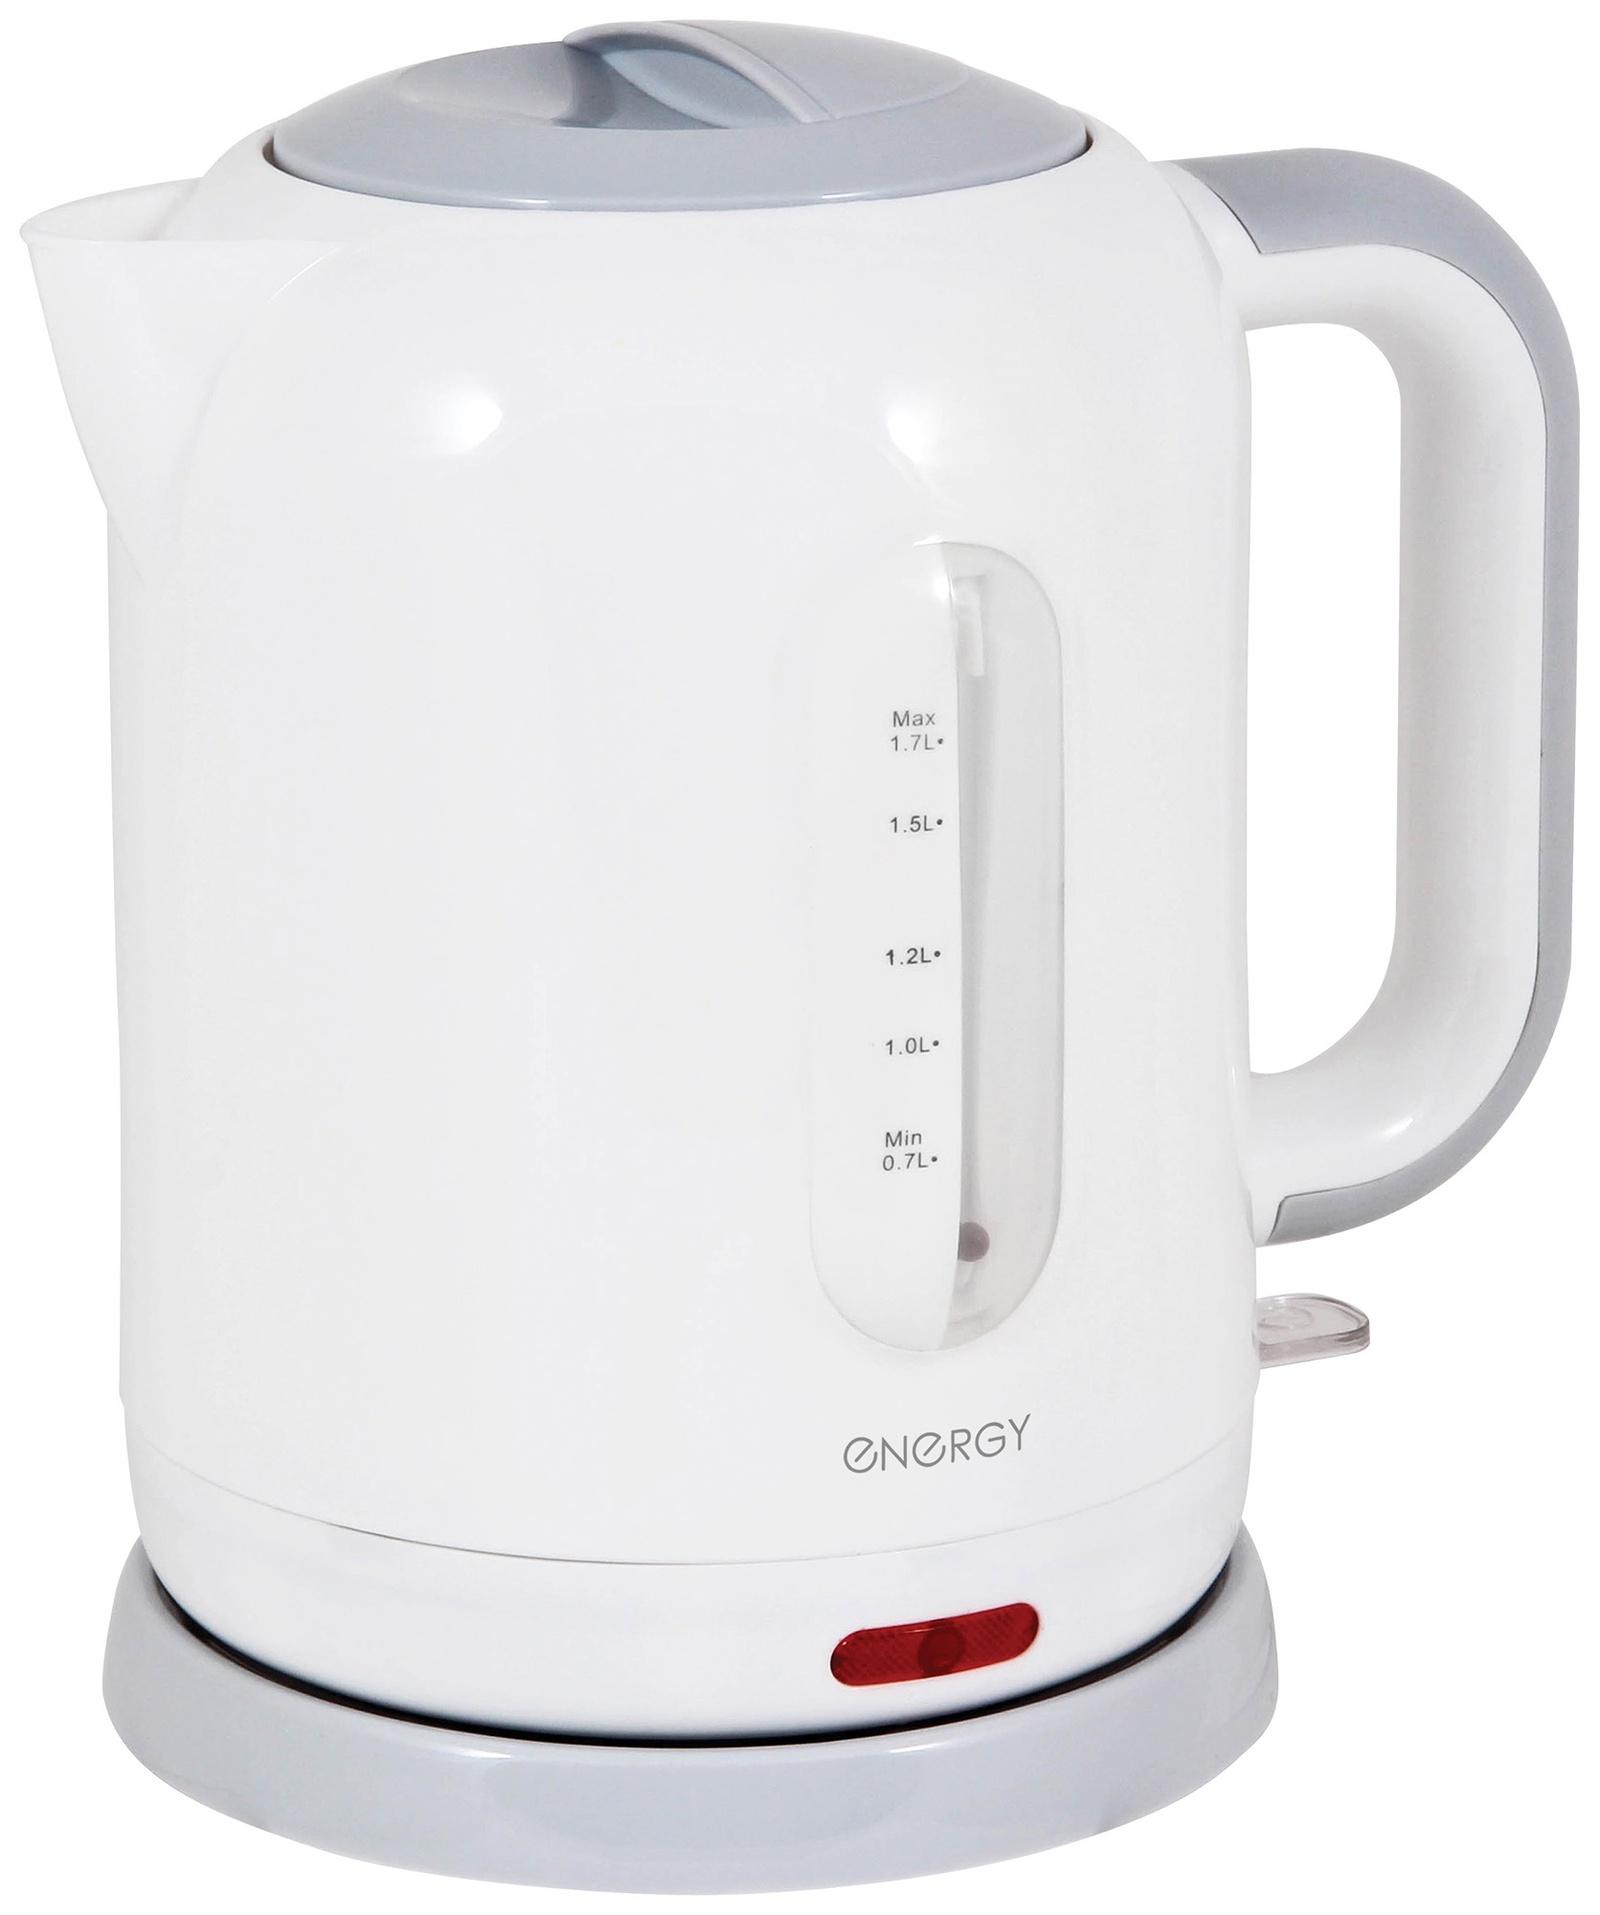 Электрический чайник ENERGY Е-231, 54 153227, белый цены онлайн